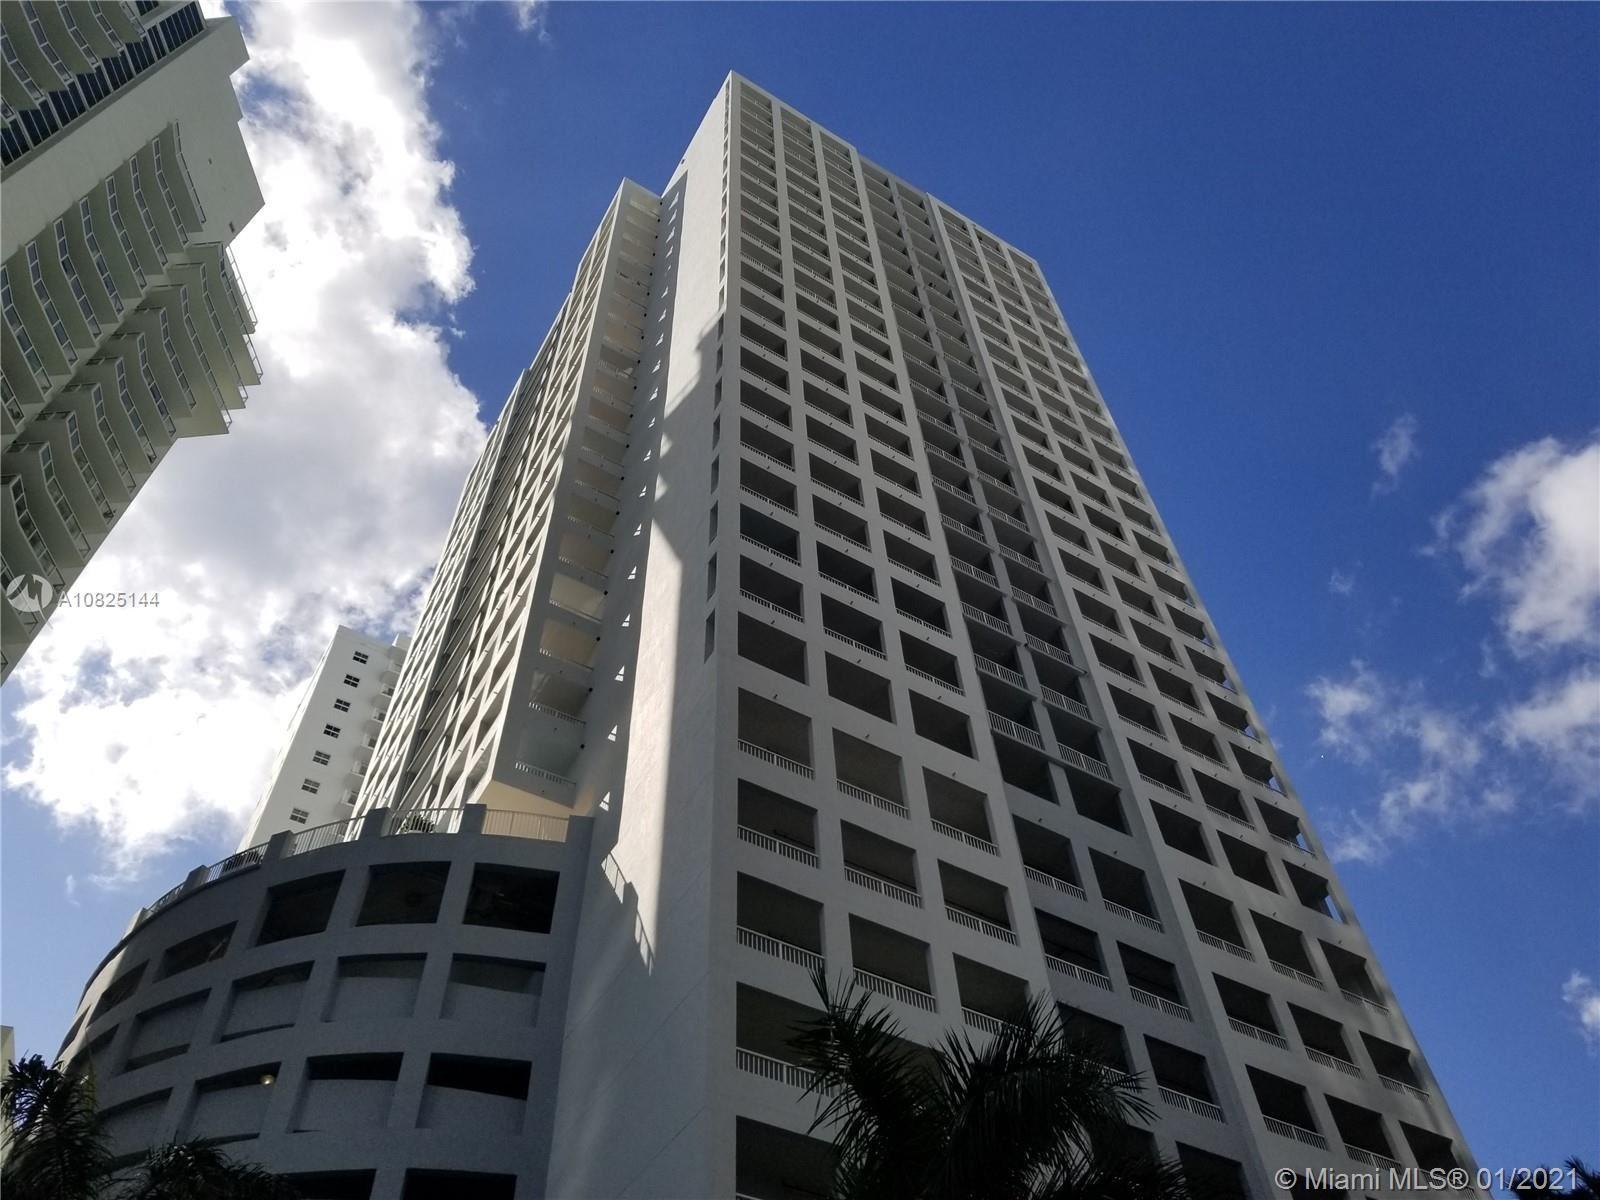 170 SE 14th St #1507, Miami, FL 33131 - #: A10825144